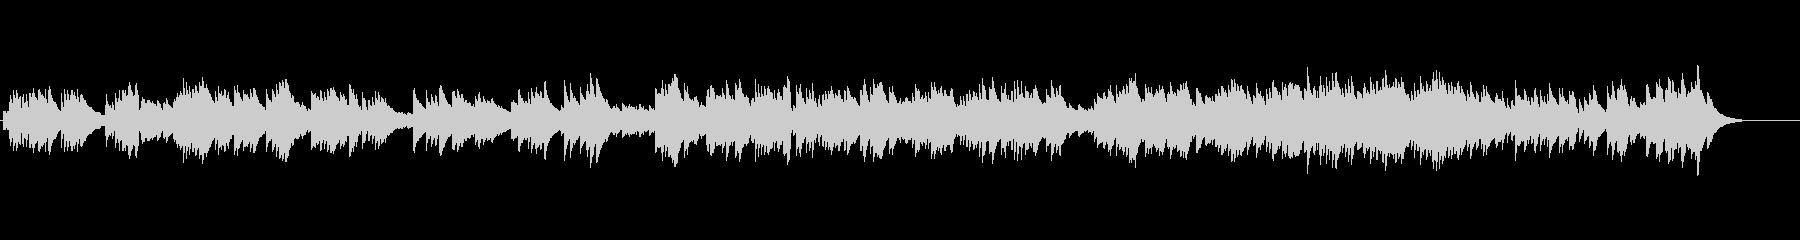 【イントロなし】オルゴール/アップテンポの未再生の波形